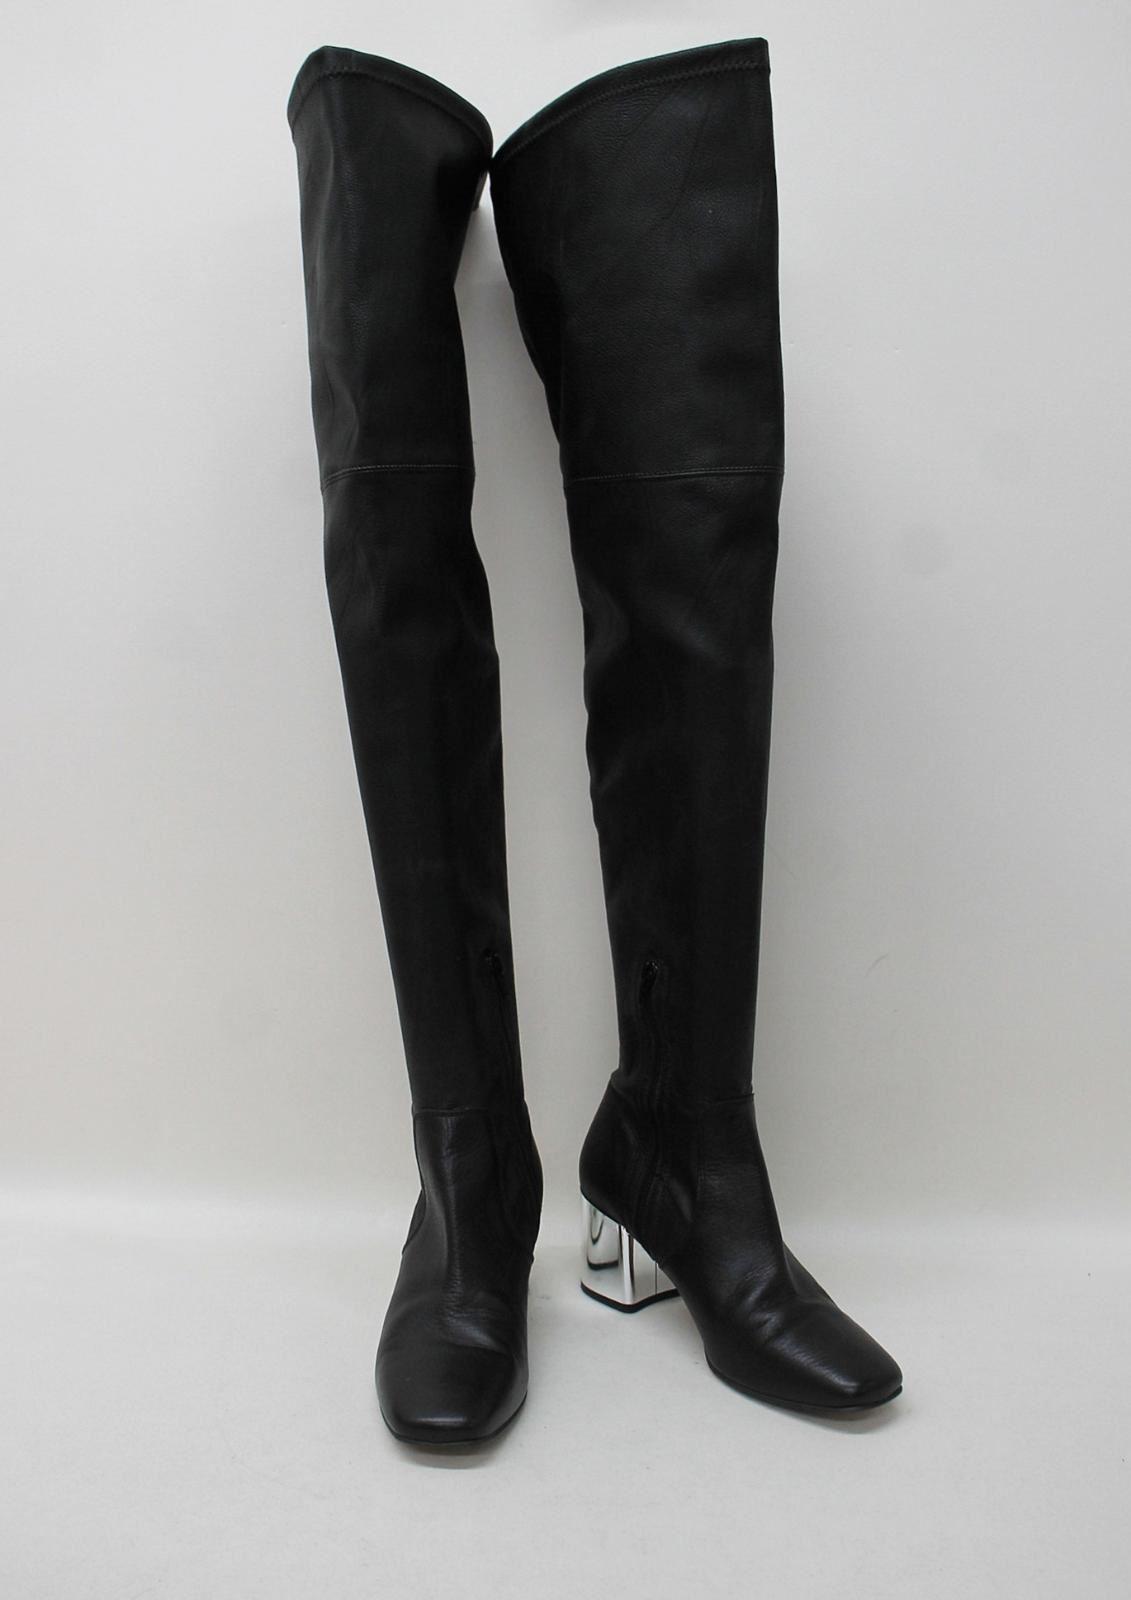 CARVELA-KURT-GEIGER-Ladies-Black-Leather-Block-Heeled-Over-Knee-Boots-EU40-UK7